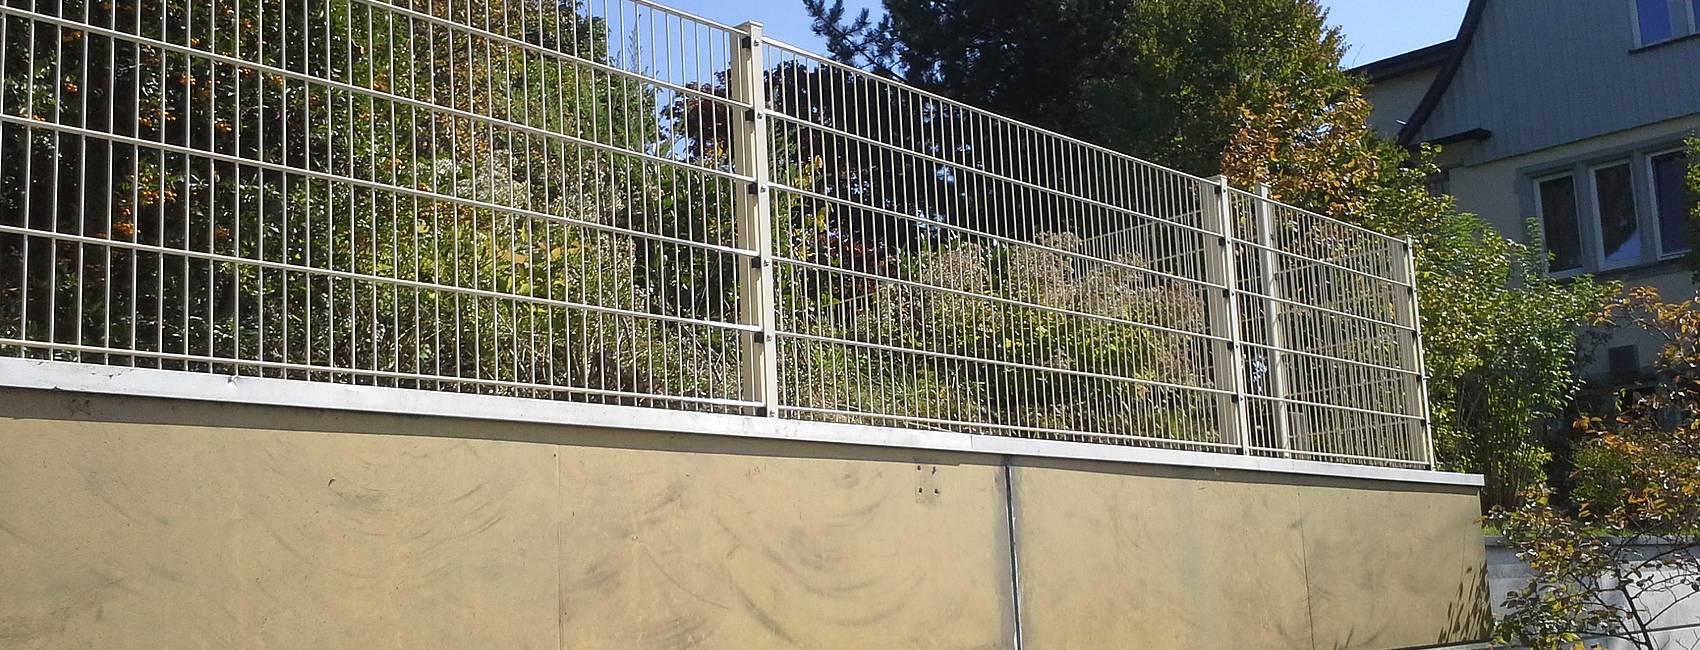 Zaun Belles Zaunbau Zaunmontage und Reperatur